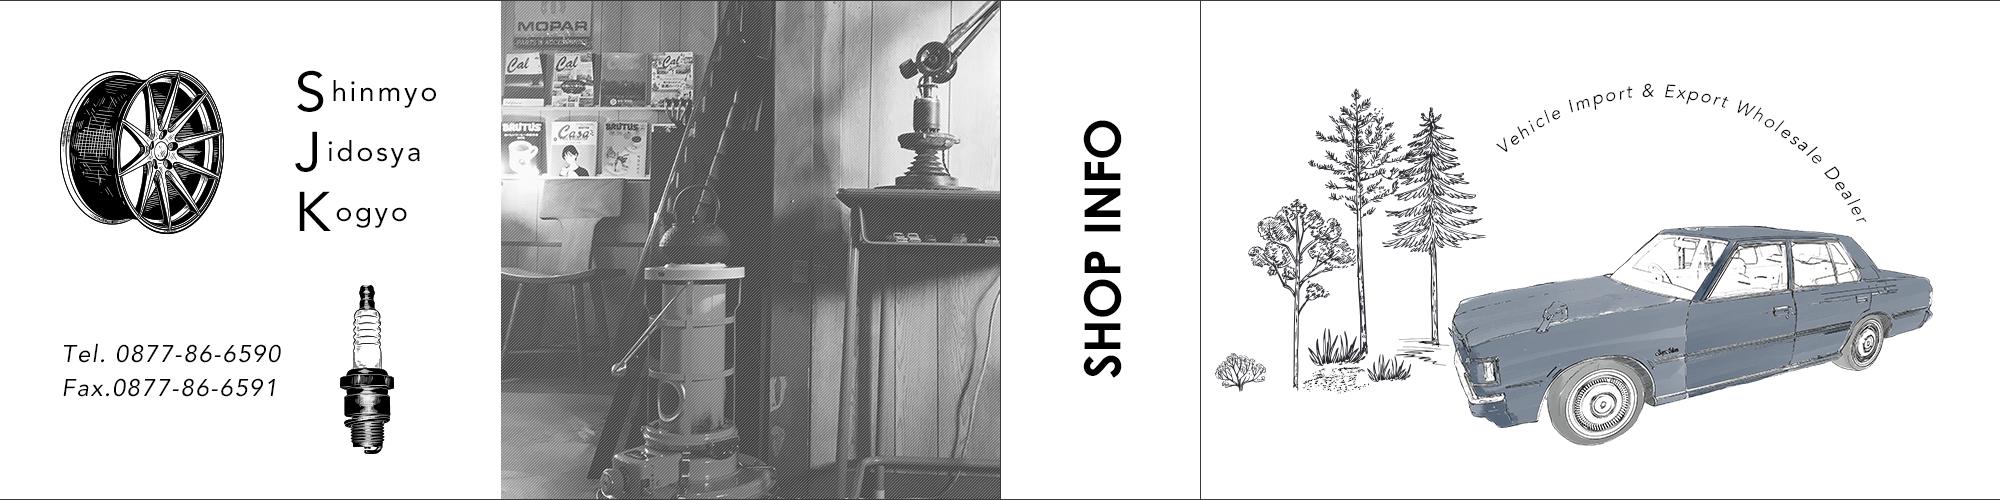 banner_shop_info